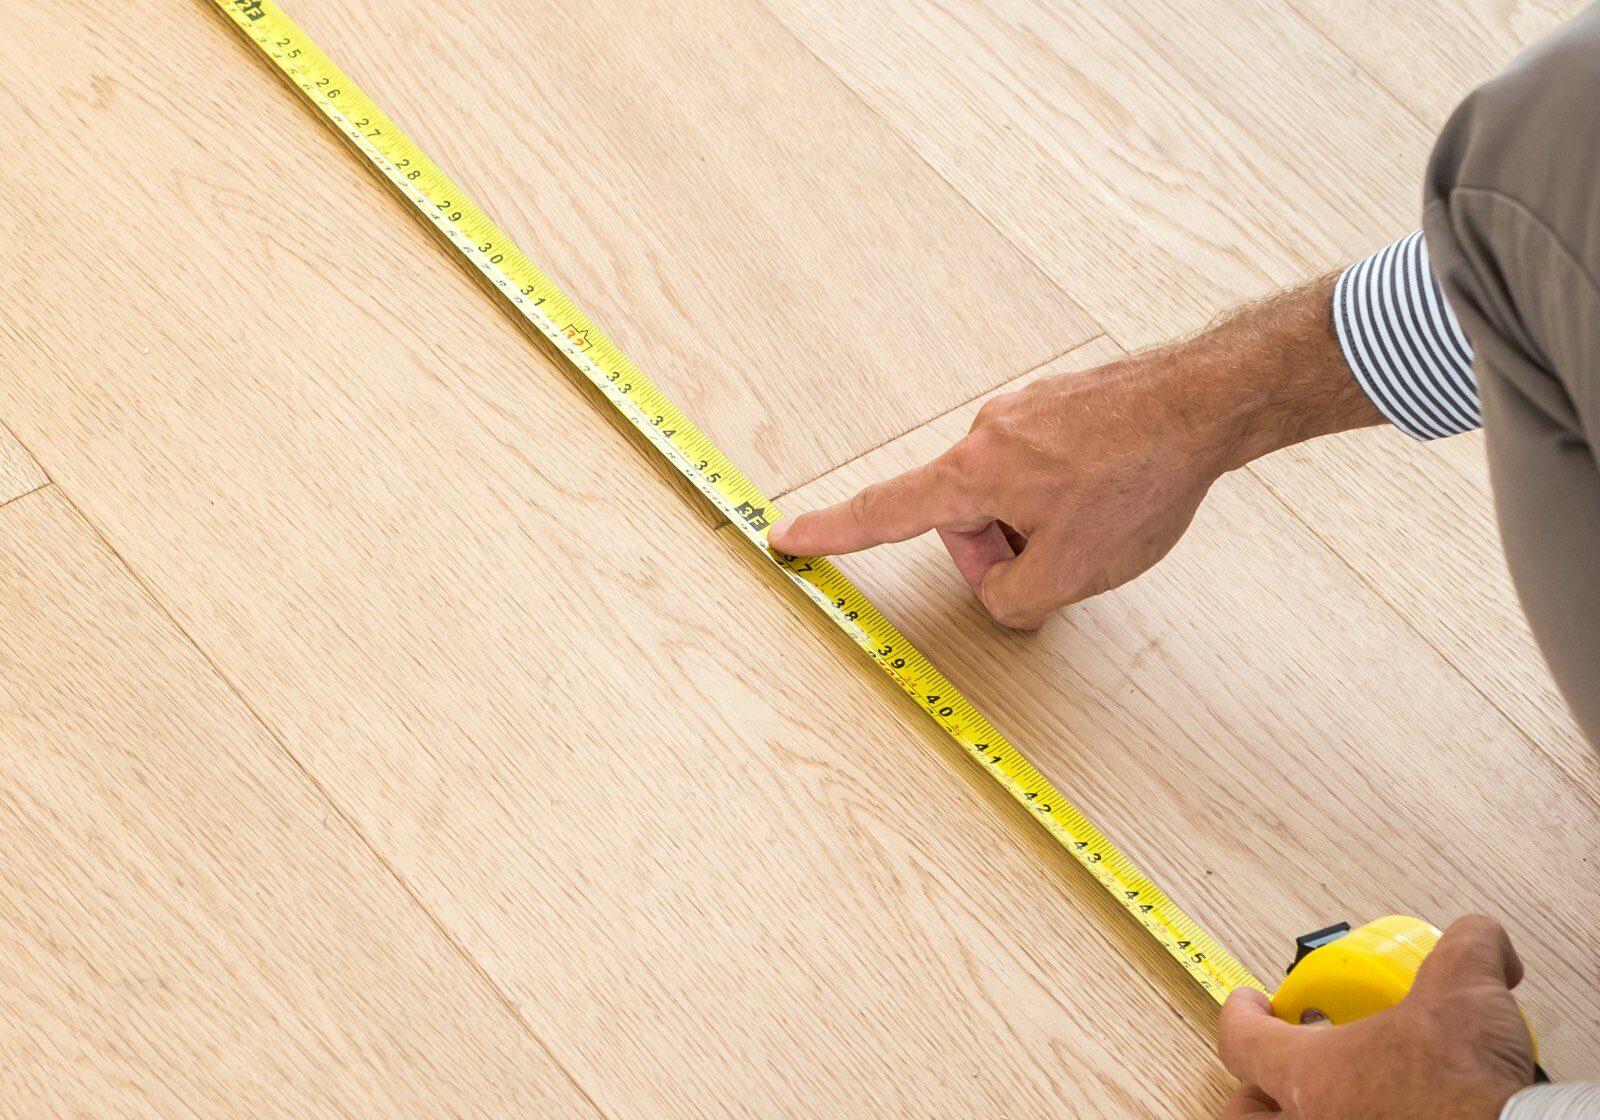 measure flooring